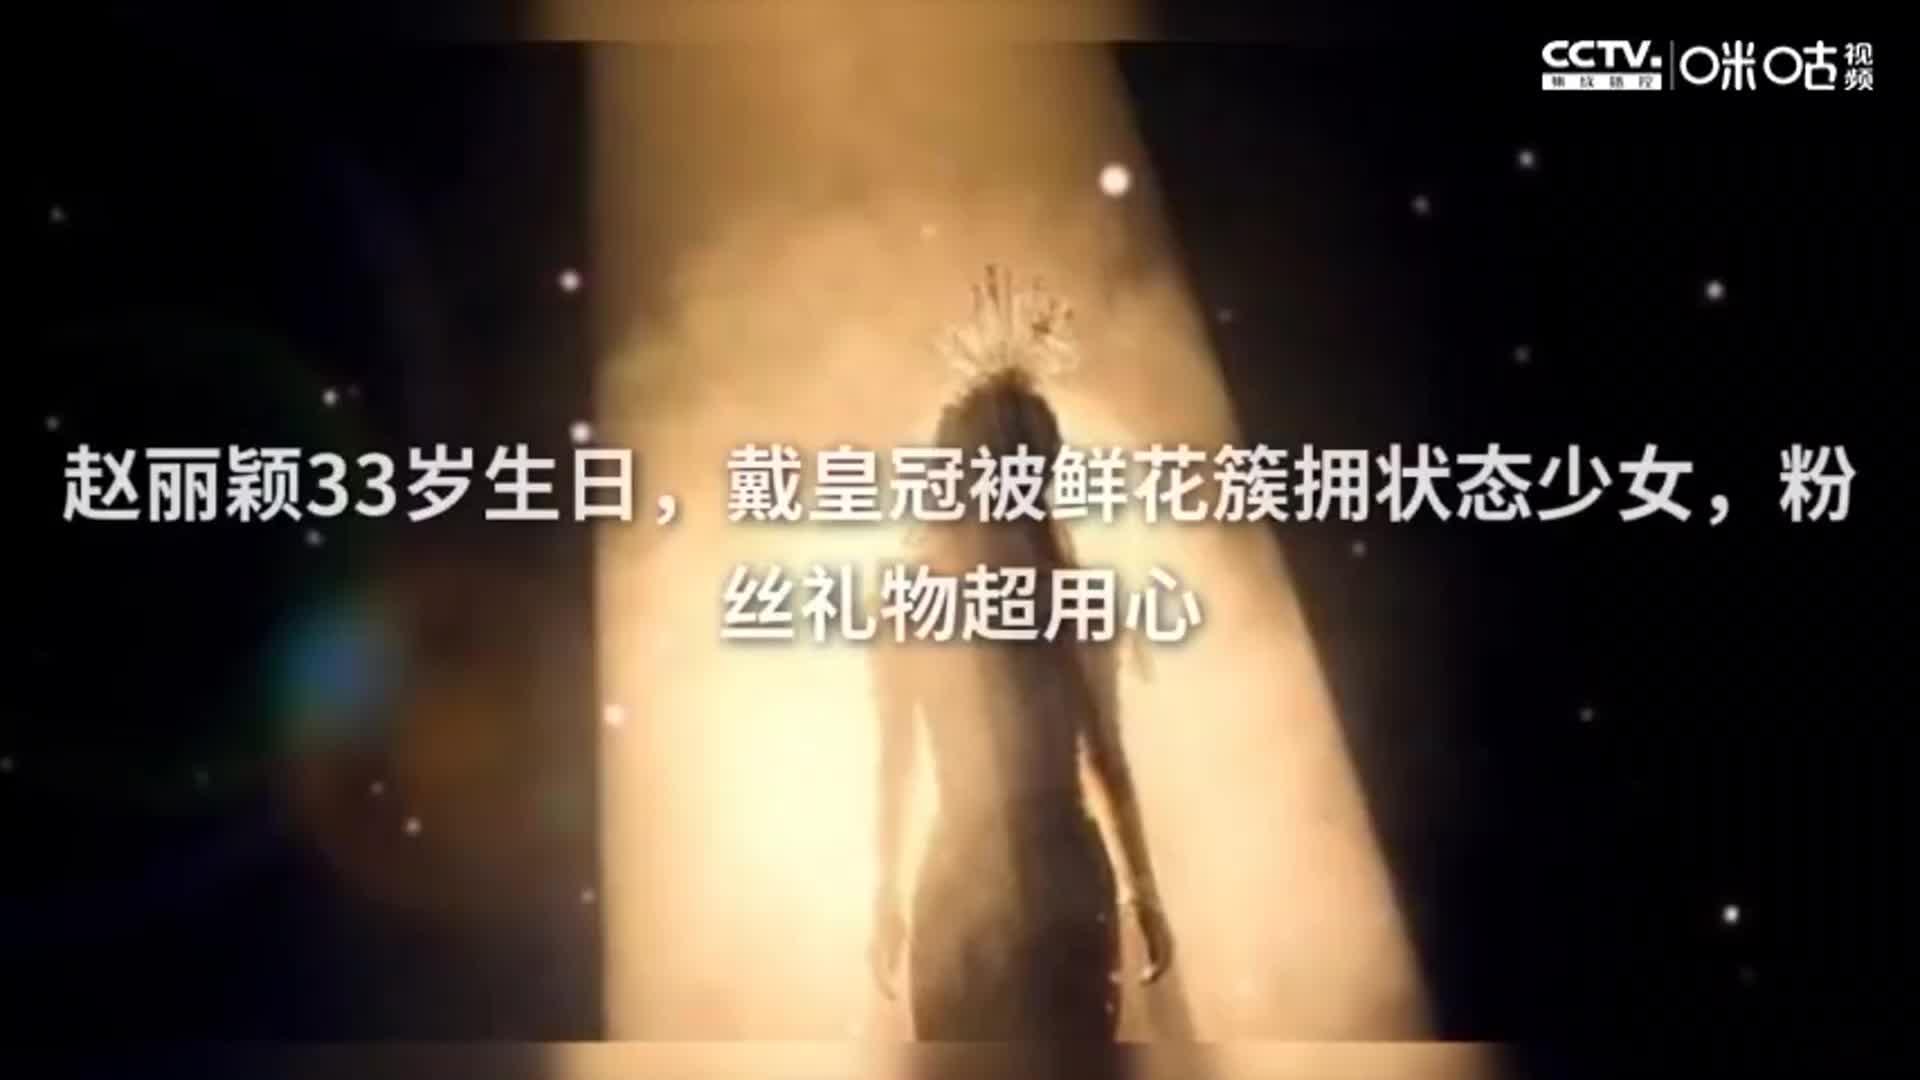 赵丽颖33岁生日,戴皇冠被鲜花簇拥状态少女,粉丝礼物超用心(1)